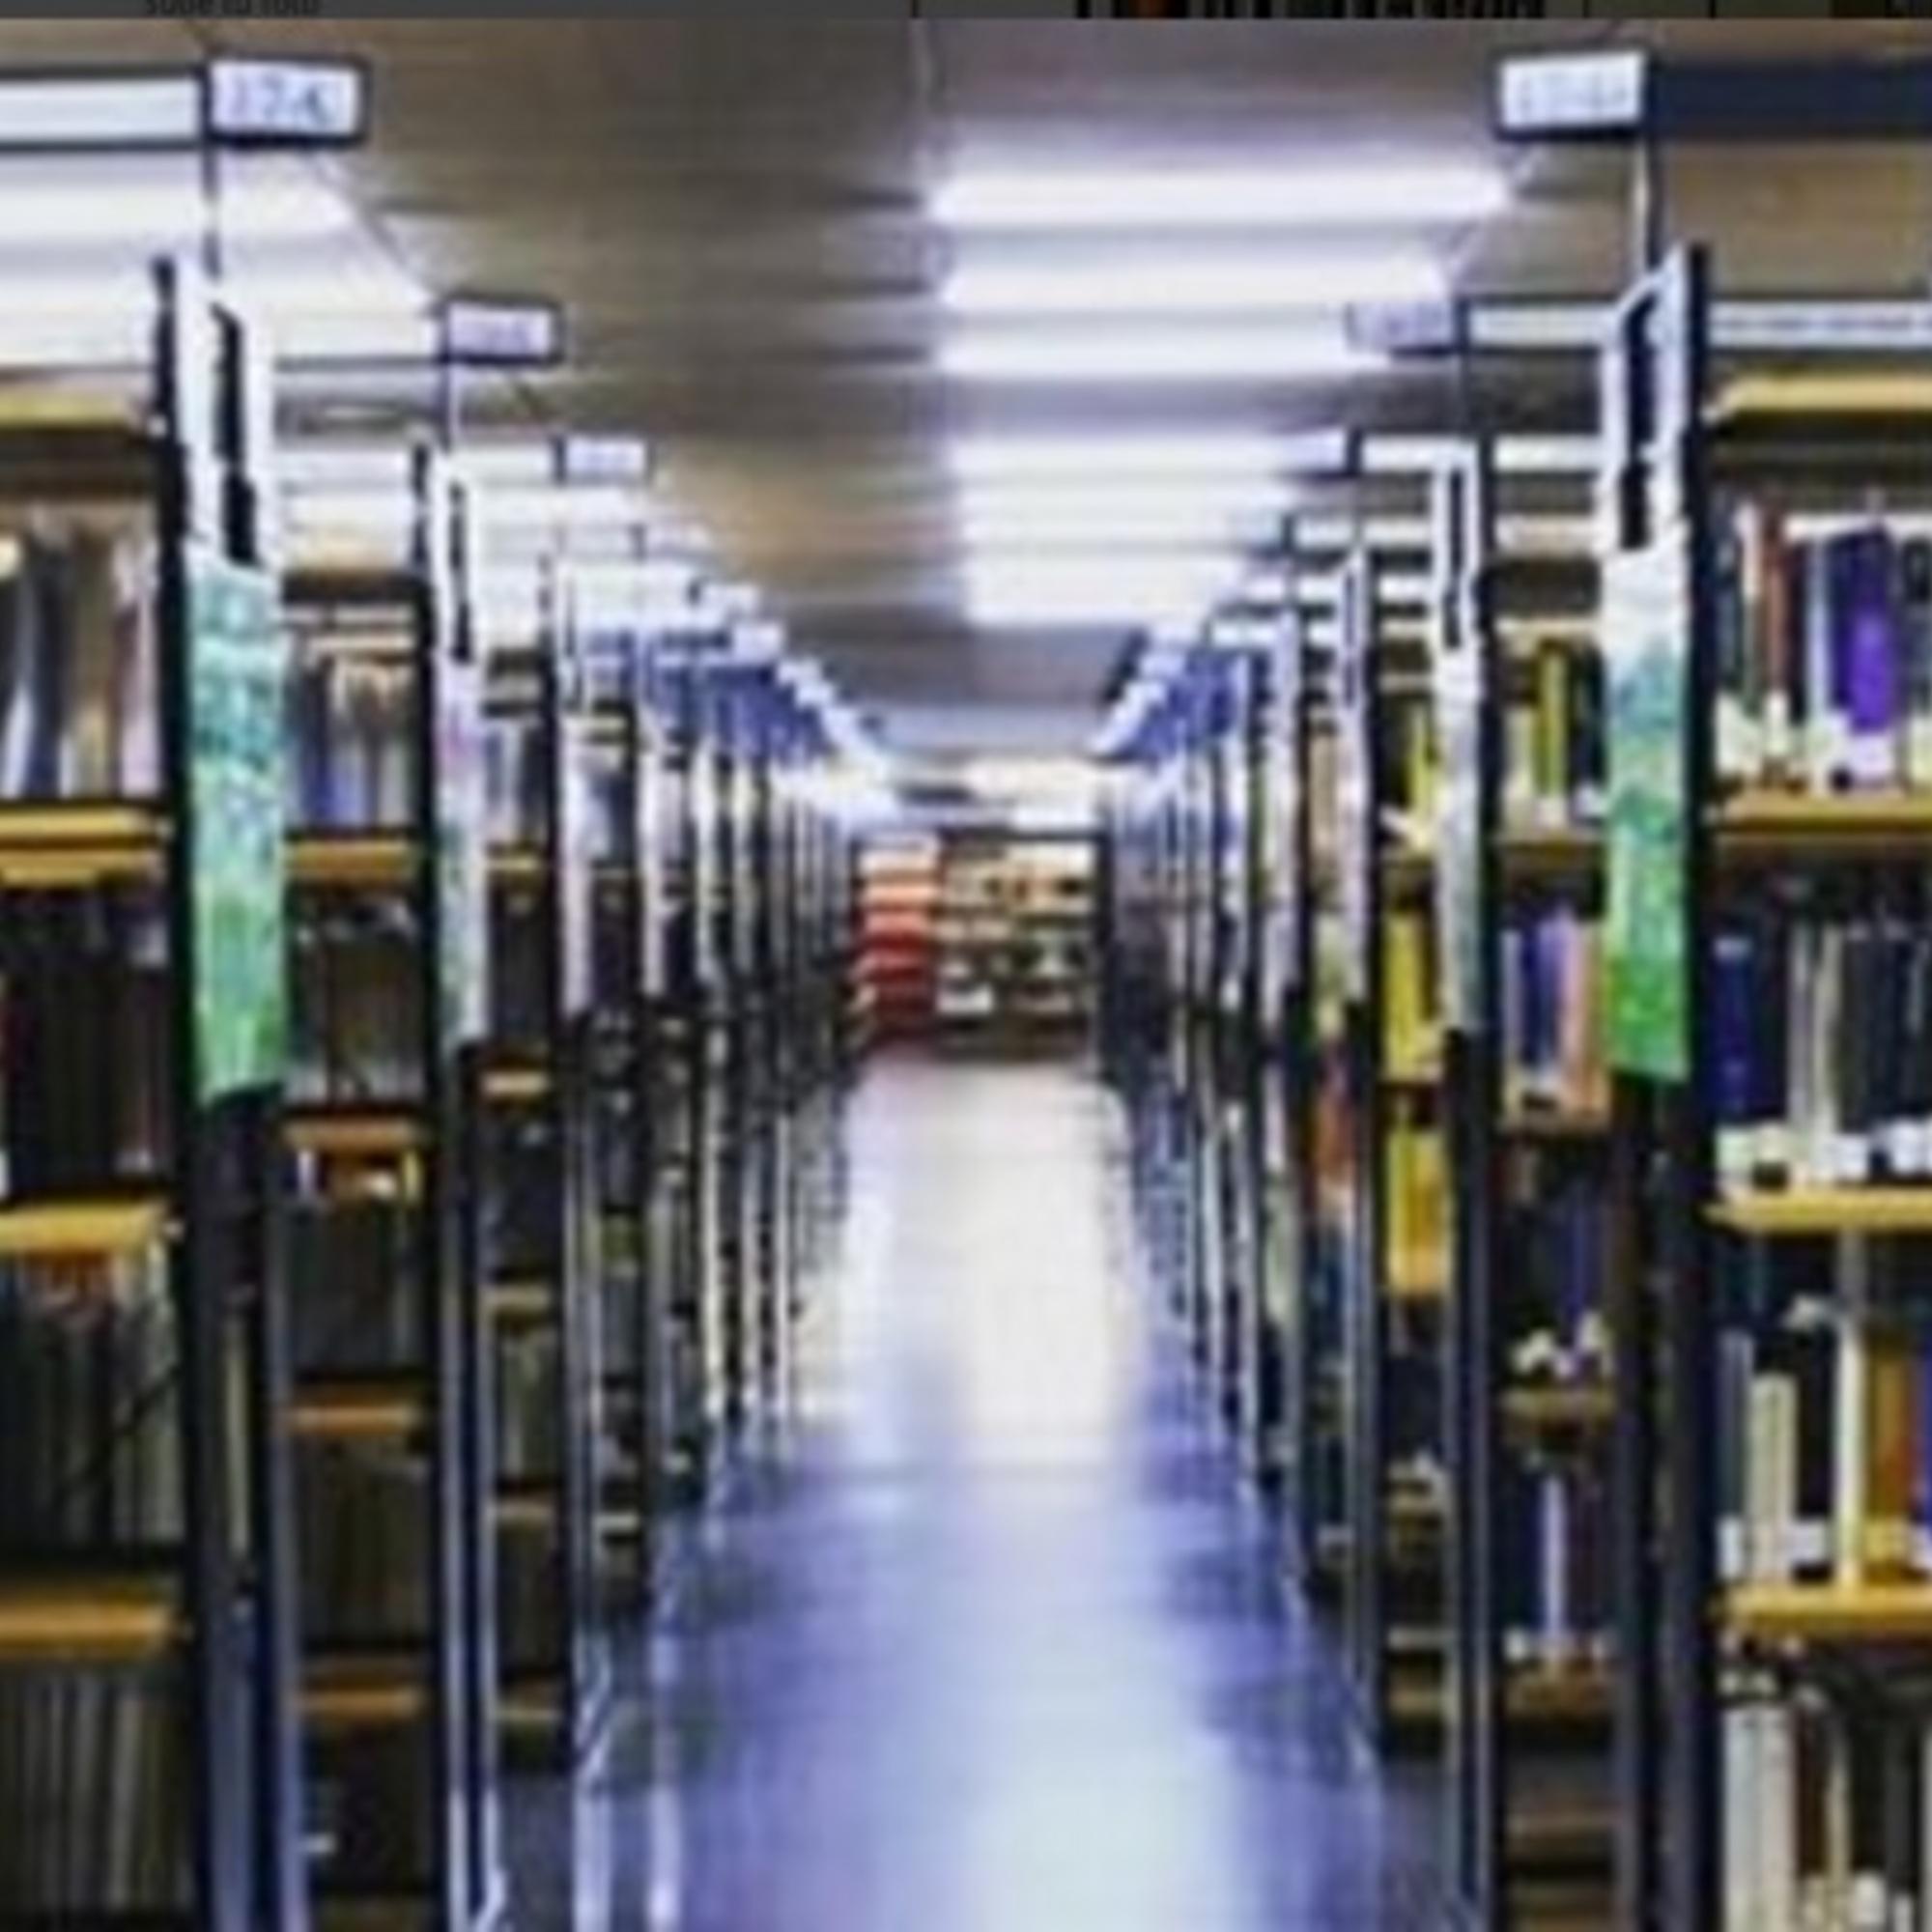 32cgermes El cementerio de los libros mates olvidados.jpg